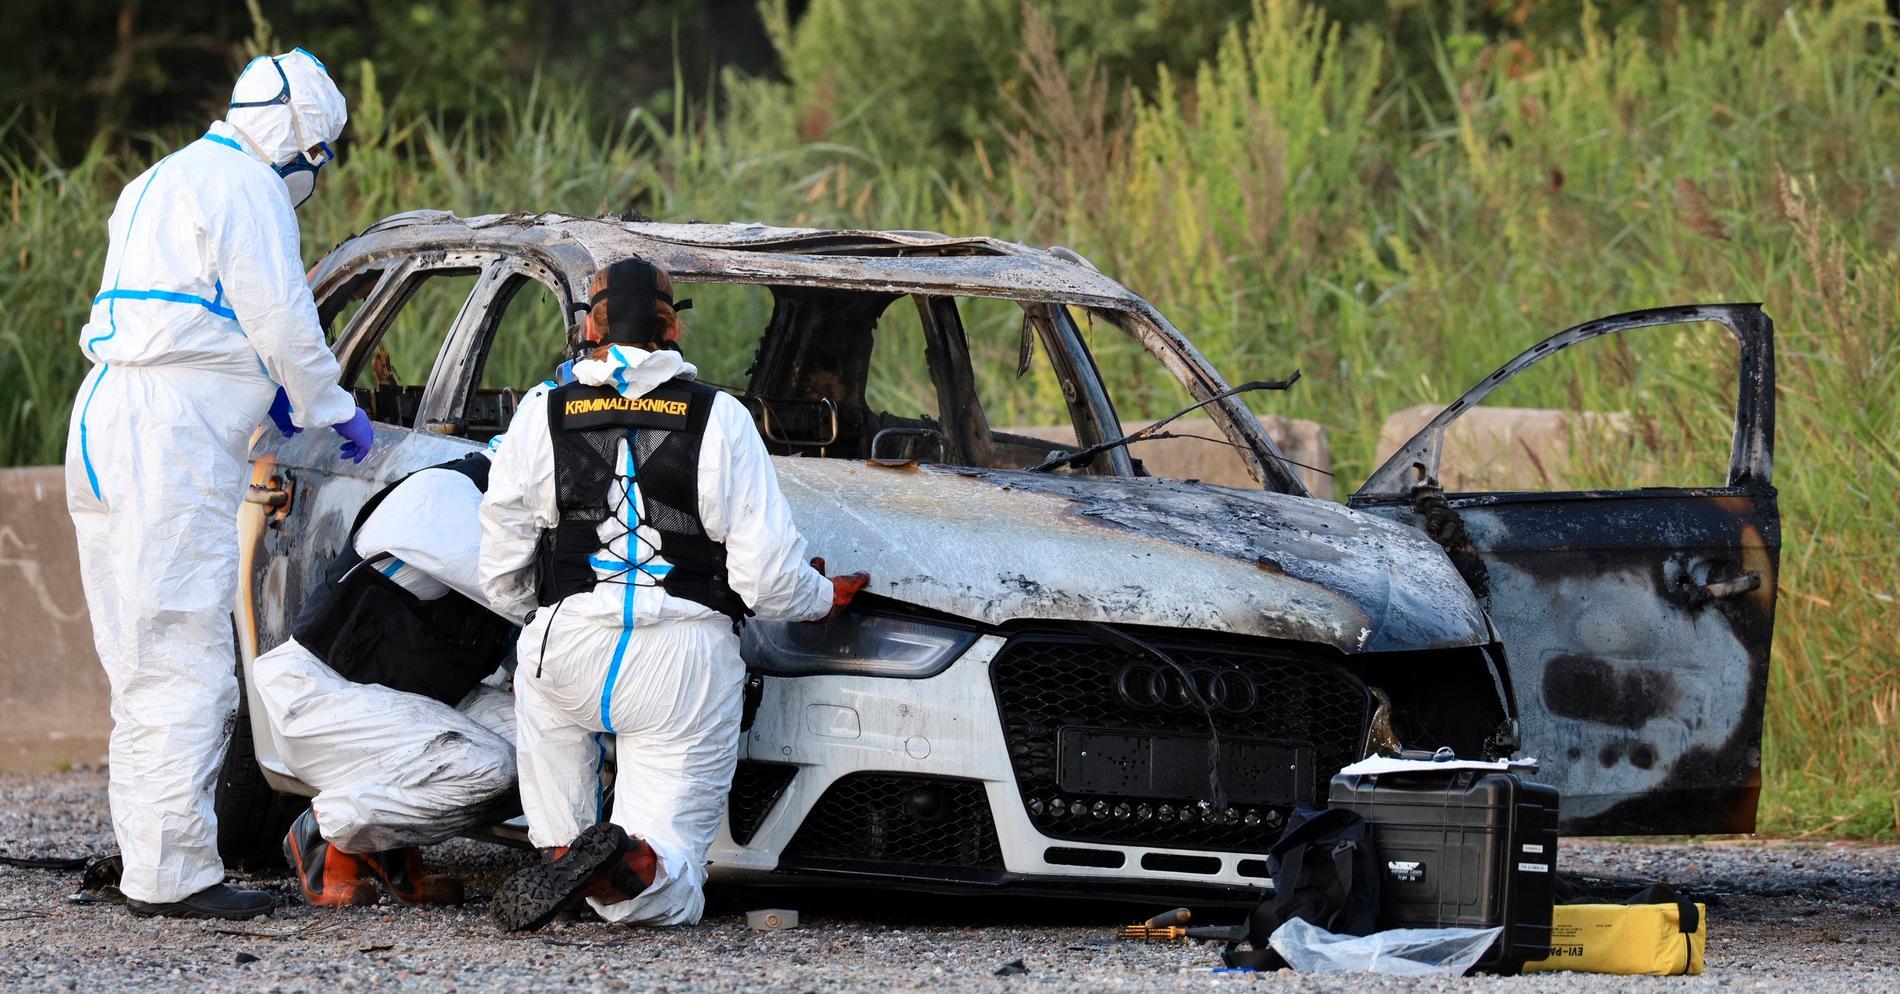 Polisen kan ha hittat bilen från dödsskjutningen